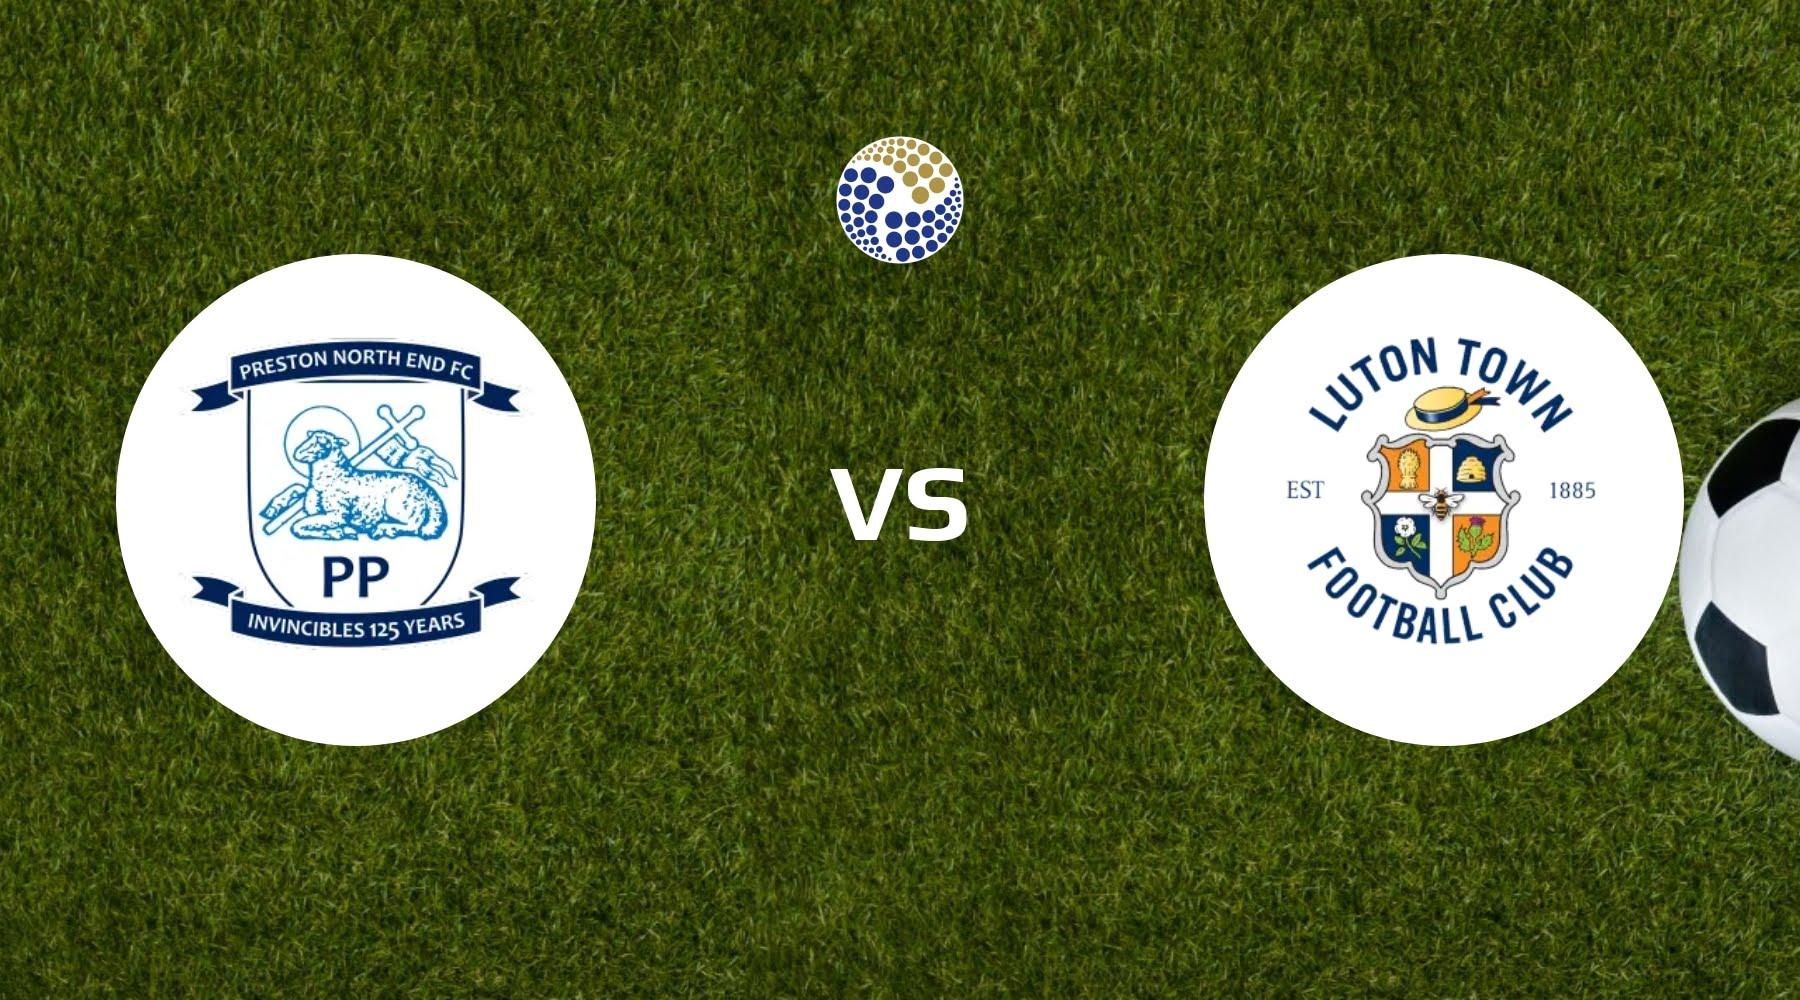 Preston North End vs Luton Town Betting